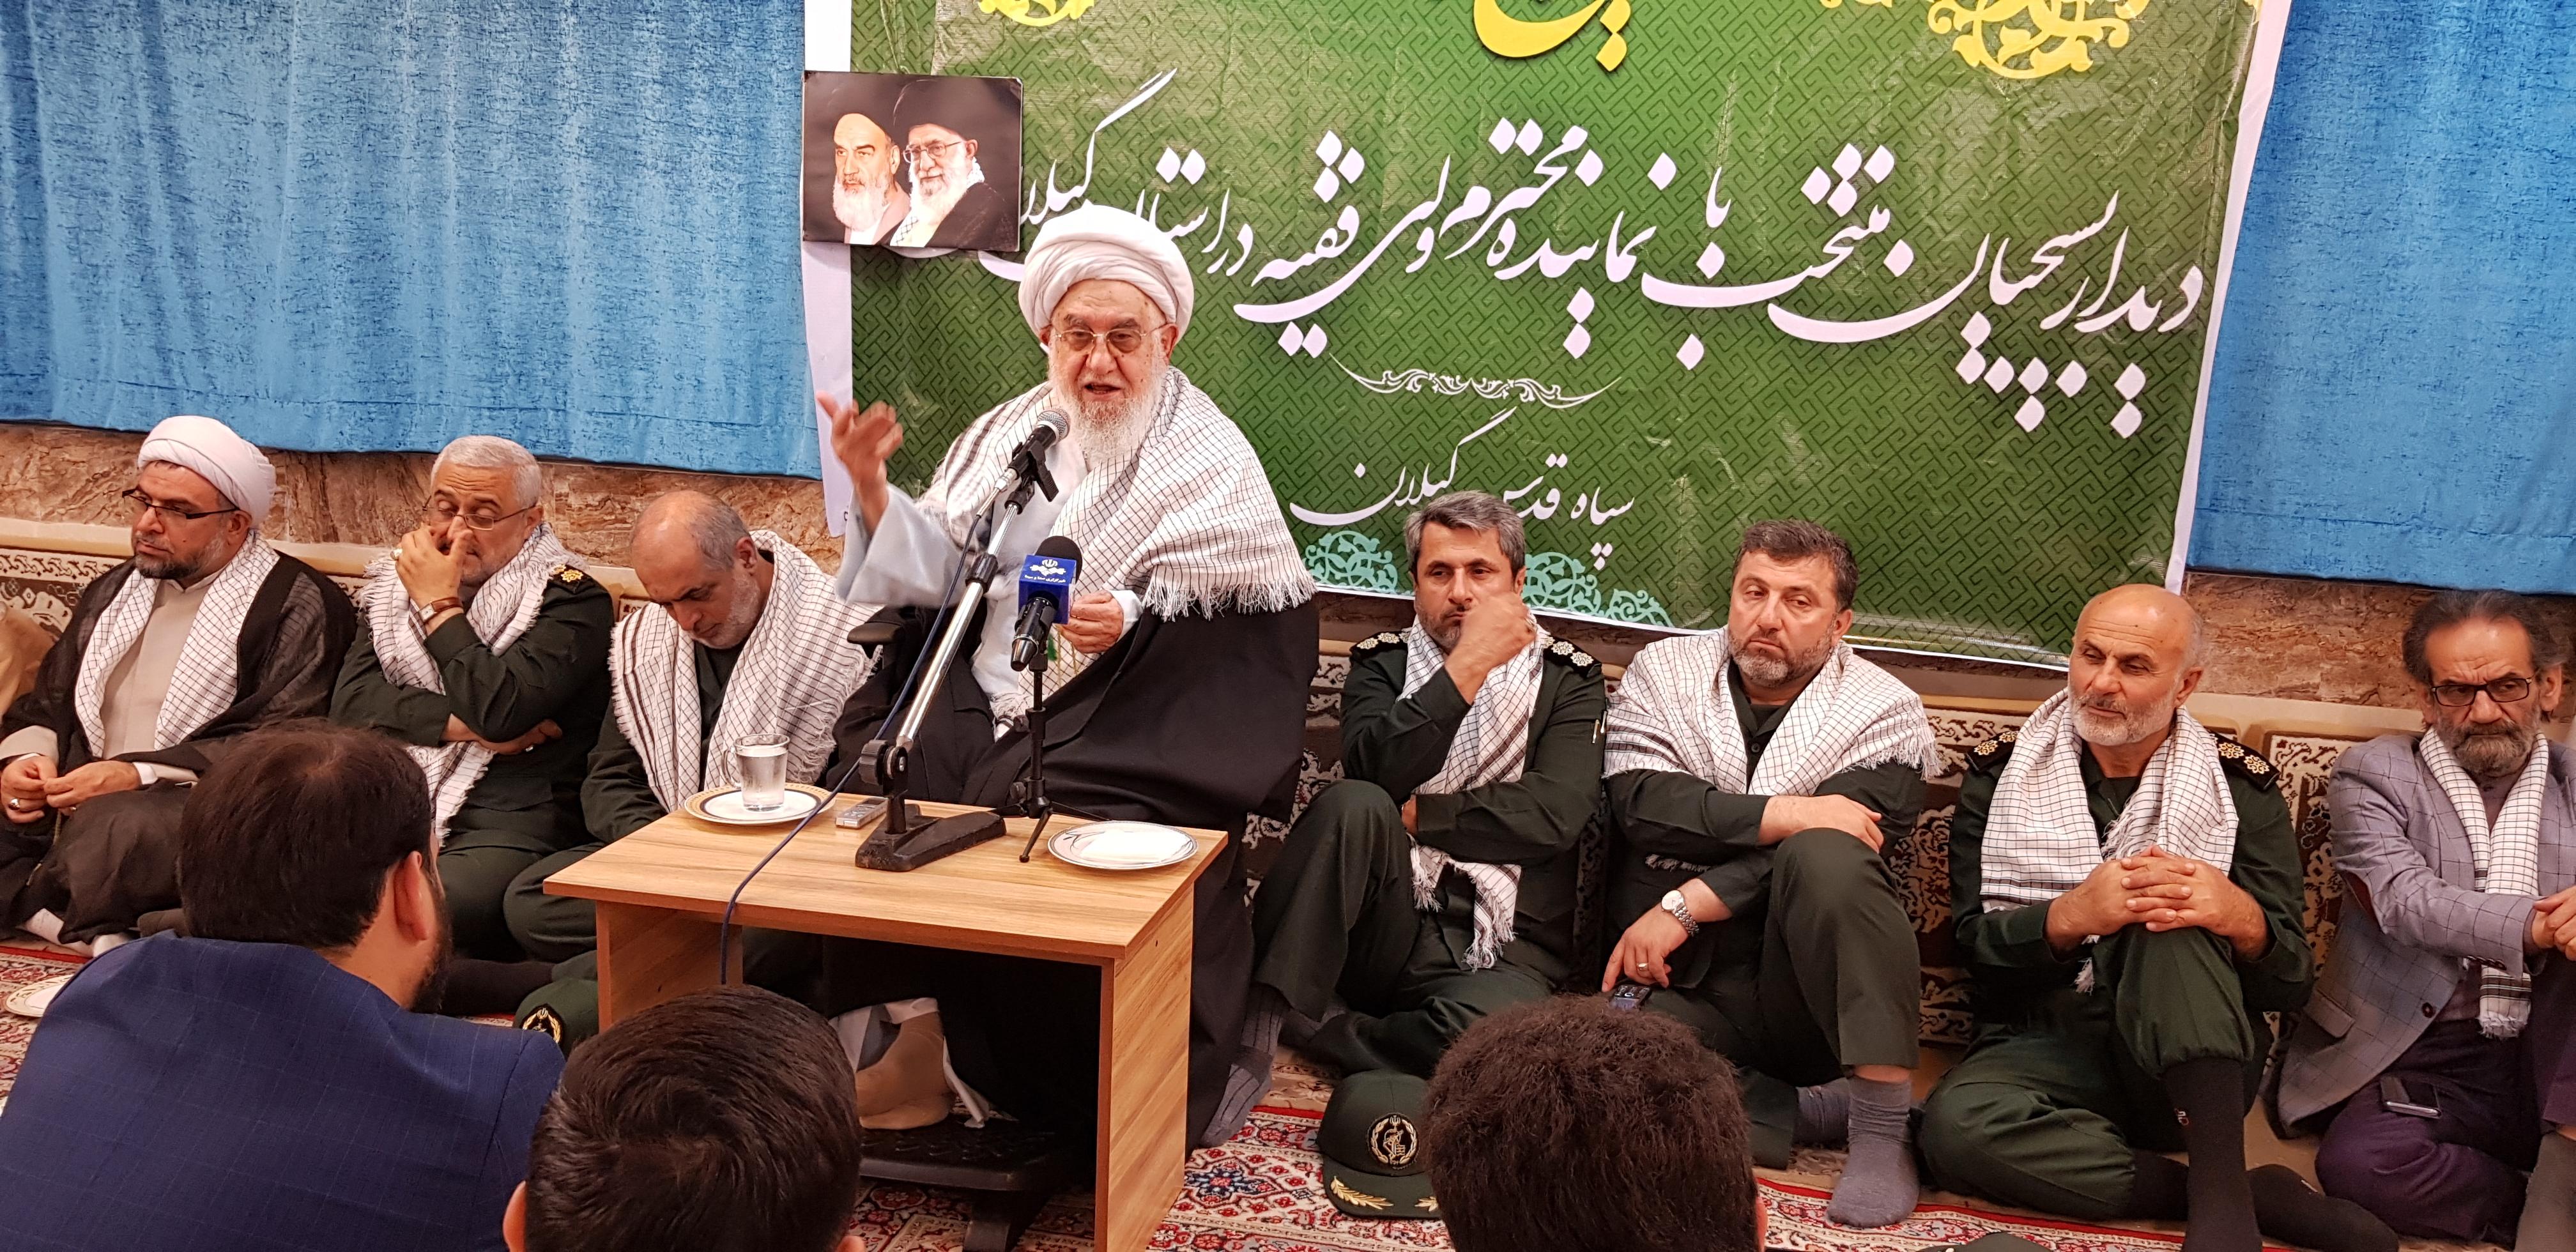 بسیجیان ادامه دهنده راه امیرالمؤمنین علی(ع) هستند/ورشکستگان سیاسی دنیای اسلام به دنبال رابطه با رژیم صهیونیستی هستند